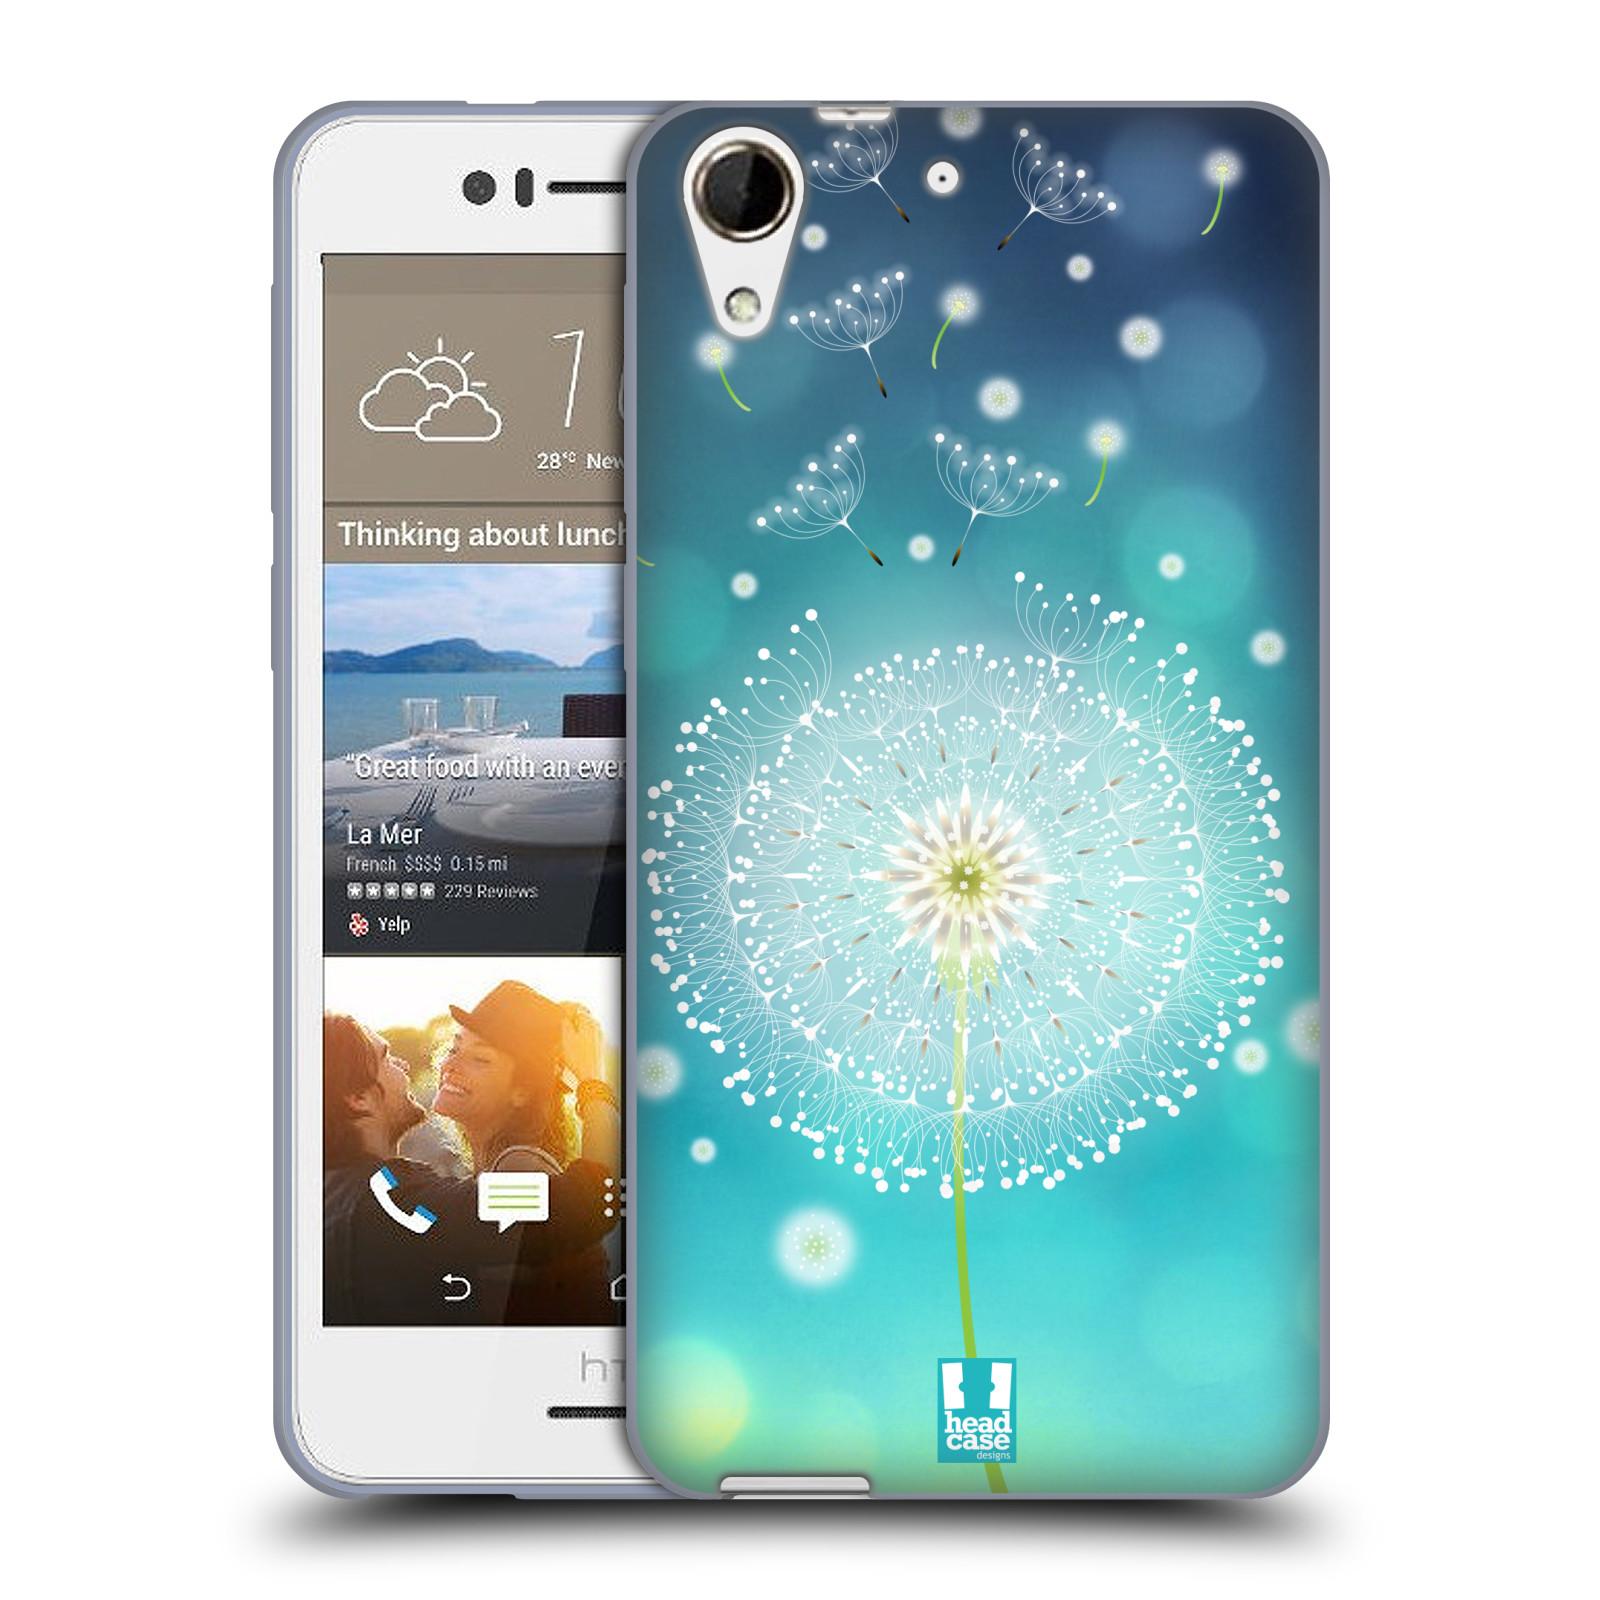 Silikonové pouzdro na mobil HTC Desire 728G Dual SIM HEAD CASE Rozlétaná pampeliška (Silikonový kryt či obal na mobilní telefon HTC Desire 728 G Dual SIM)